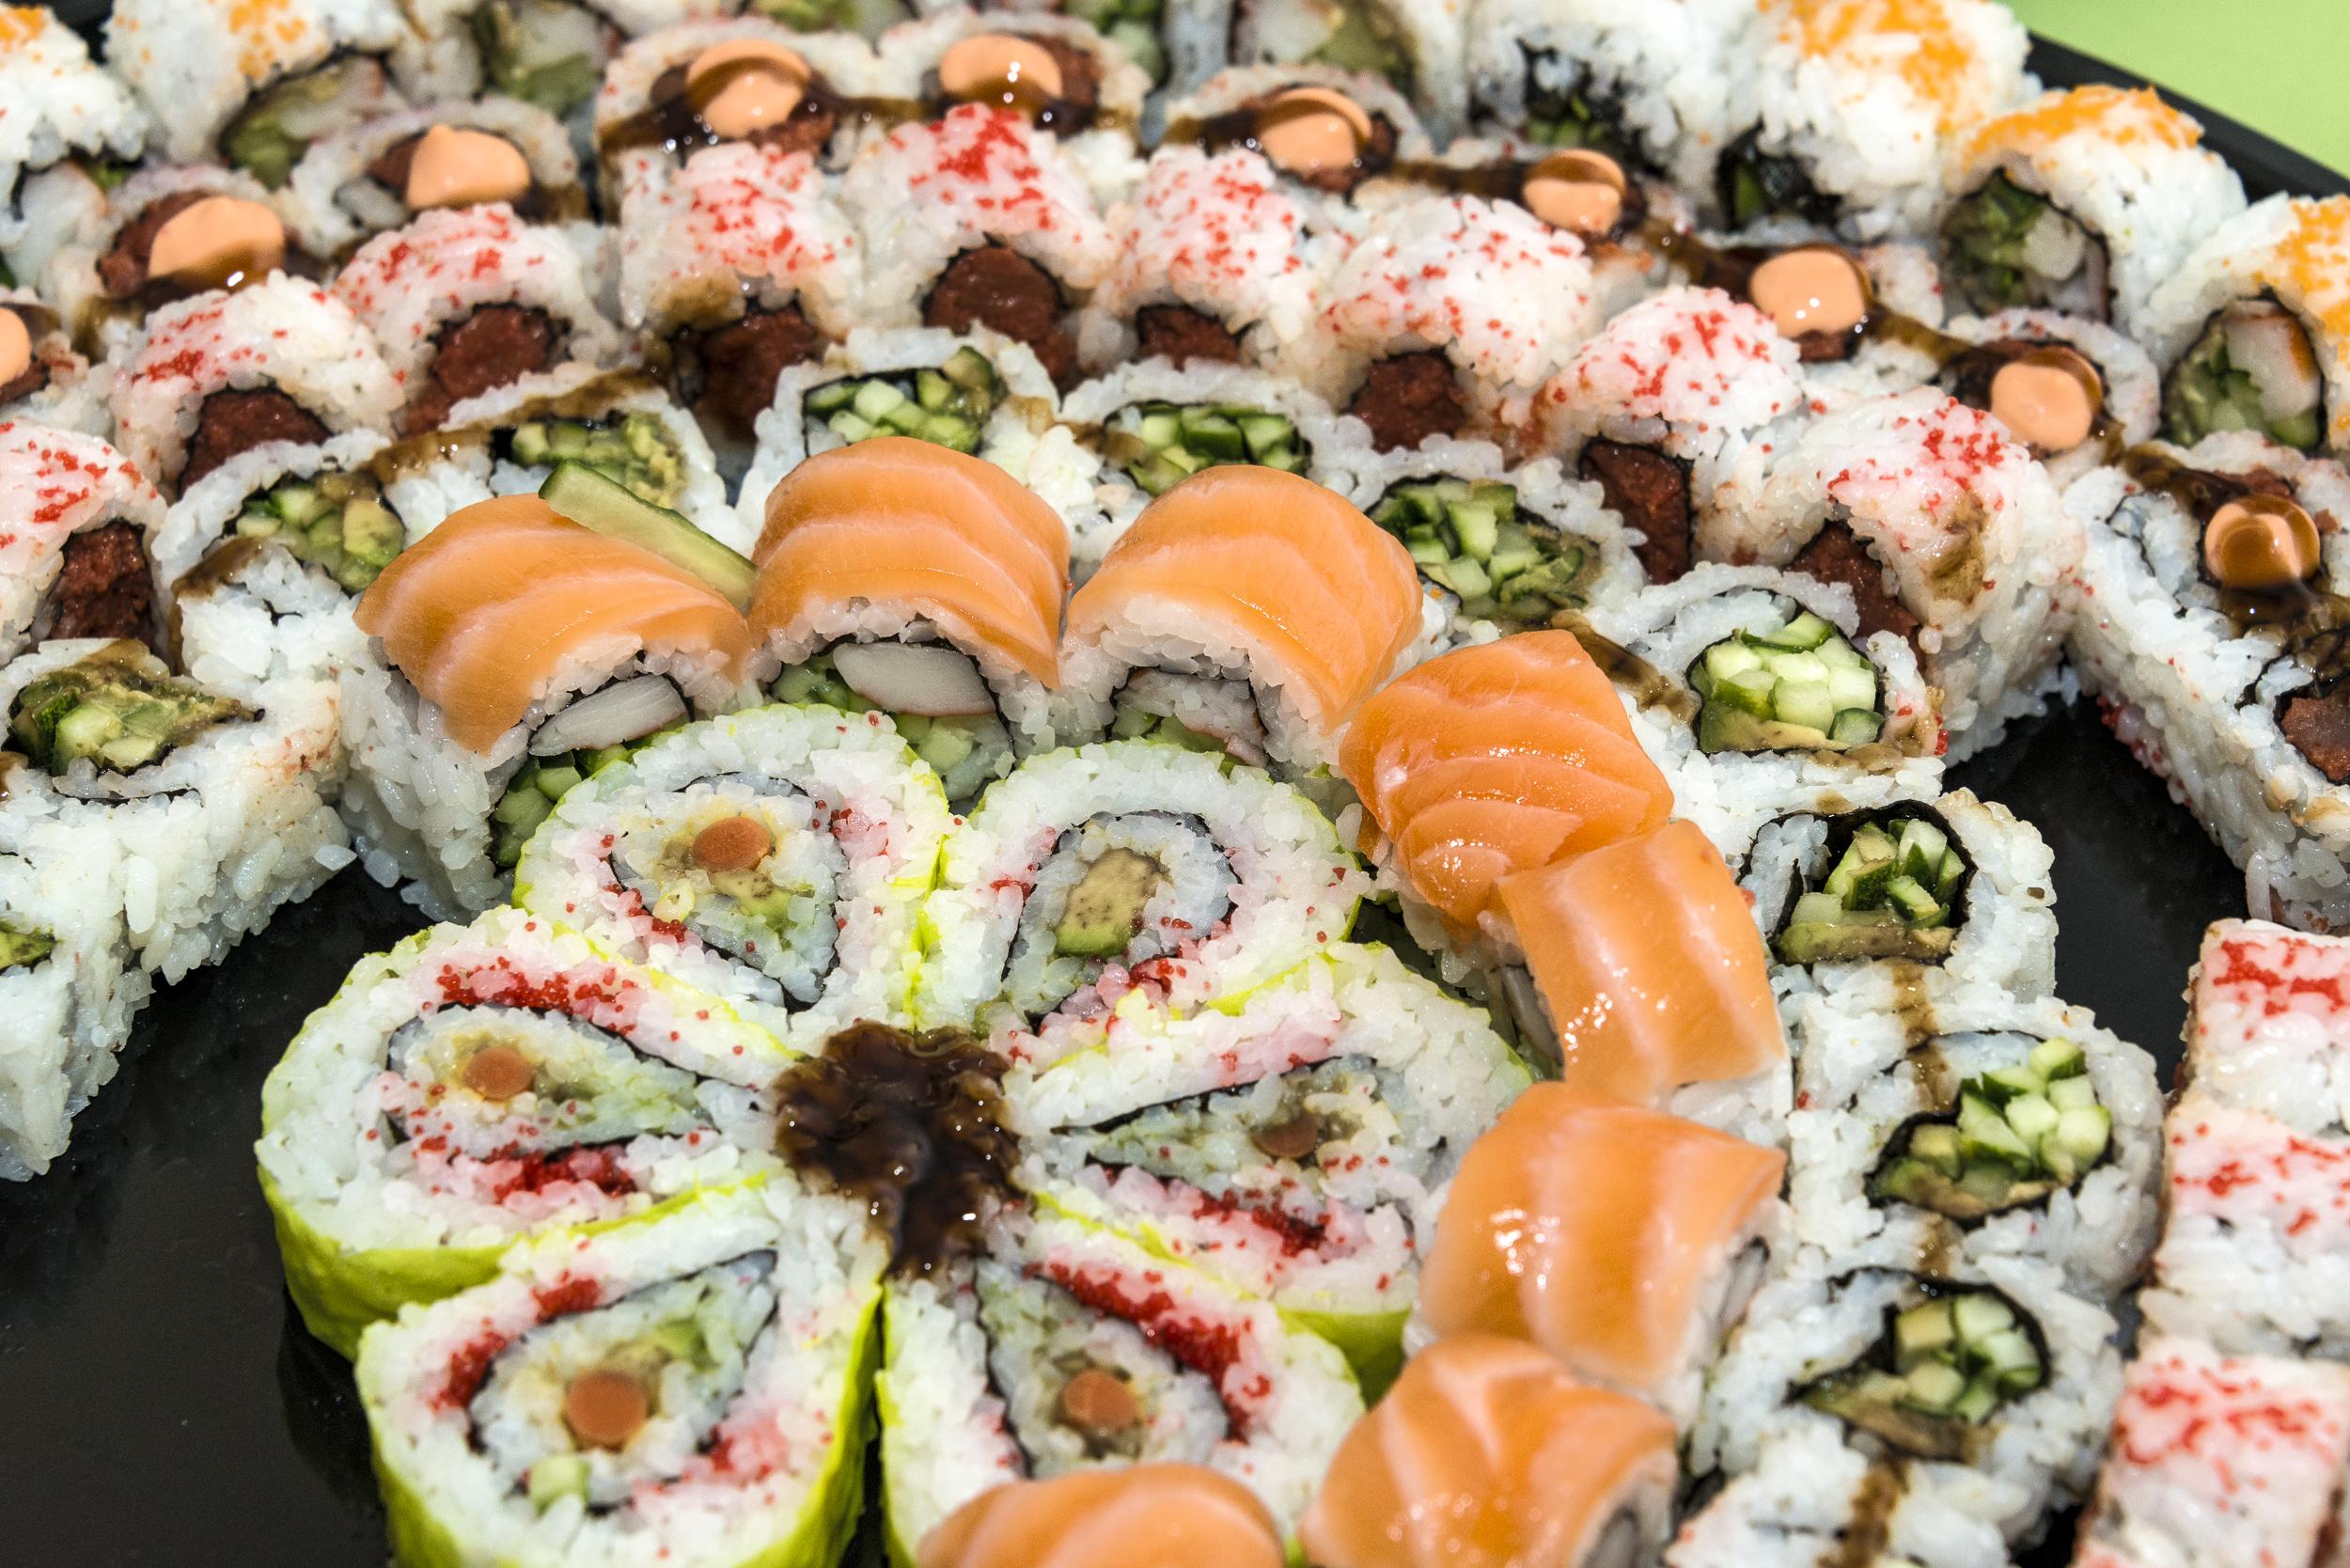 Sushi from Sushi Metsuyan